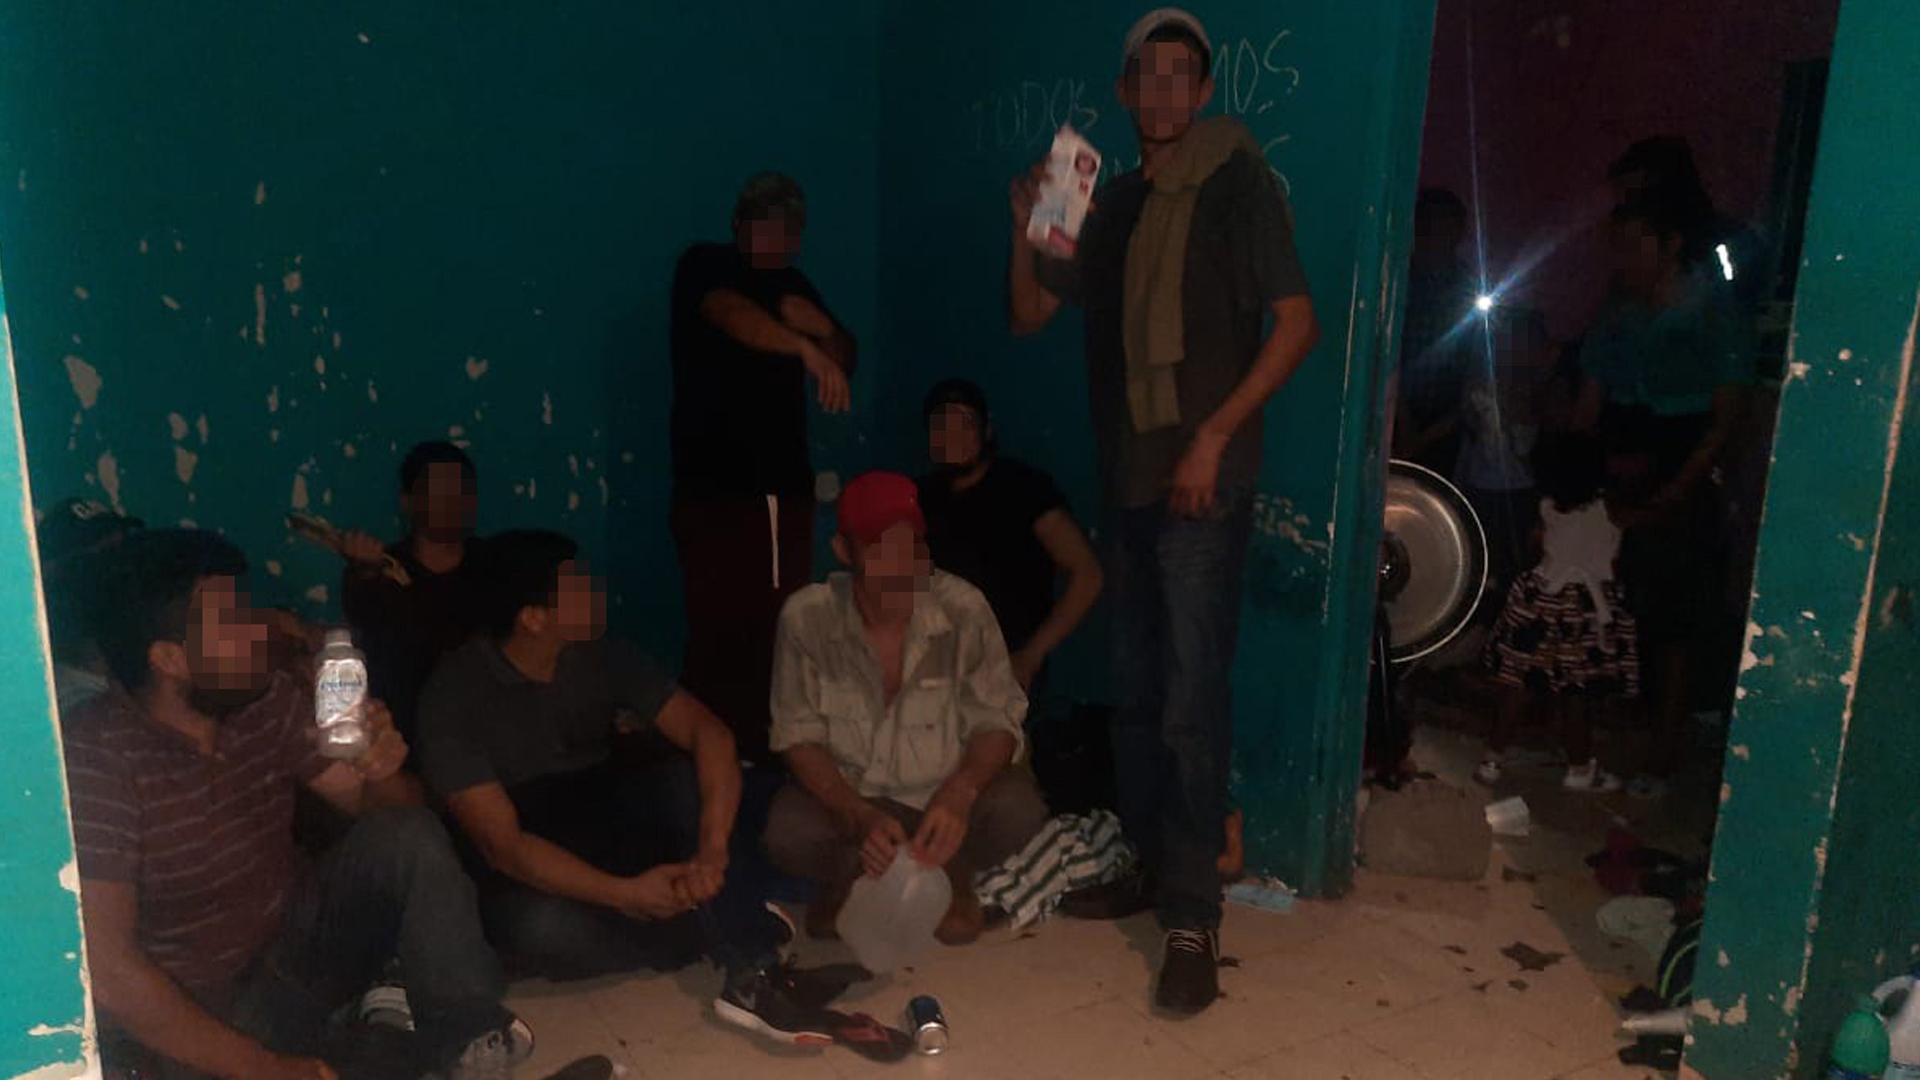 vRescatan a 50 migrantes, entre ellos 18 menores, en Tamaulipas. Foto de Gobierno de Tamaulipas